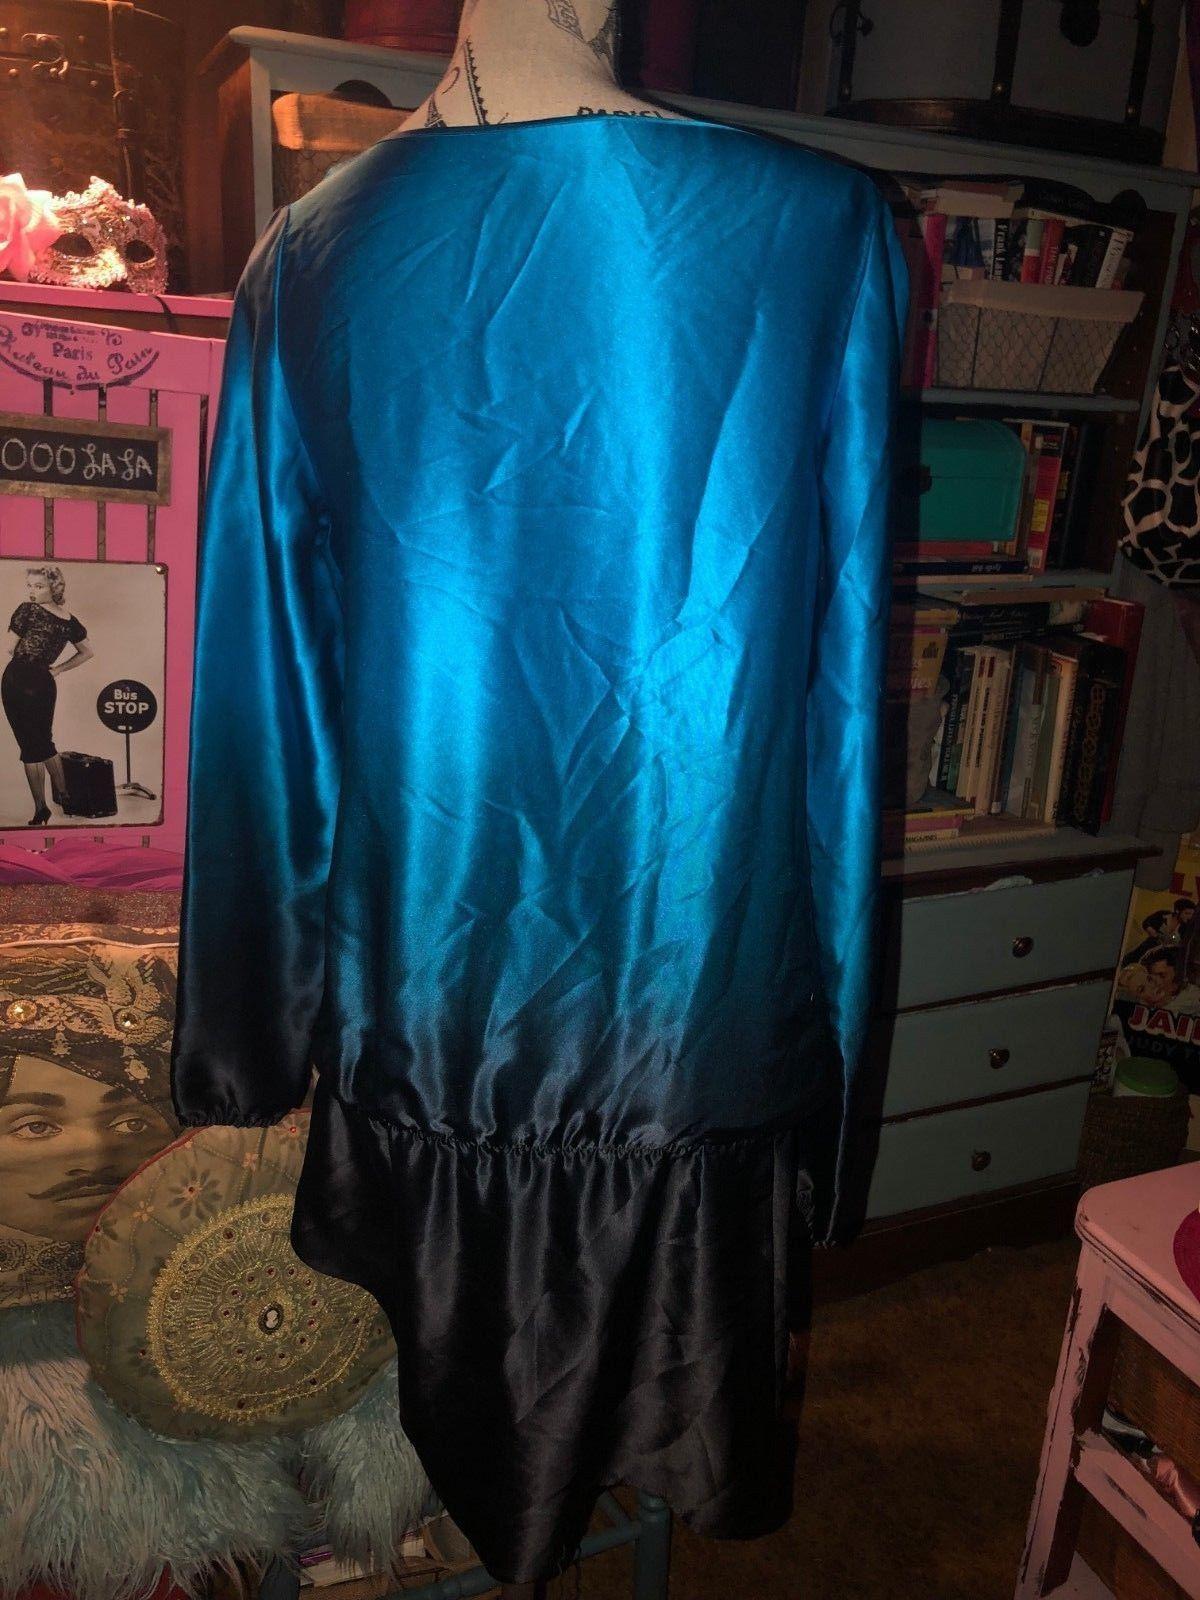 SCOOP BEACH Regal Cobalt Blue + Midnight Black Ombre Silk Dress Size M